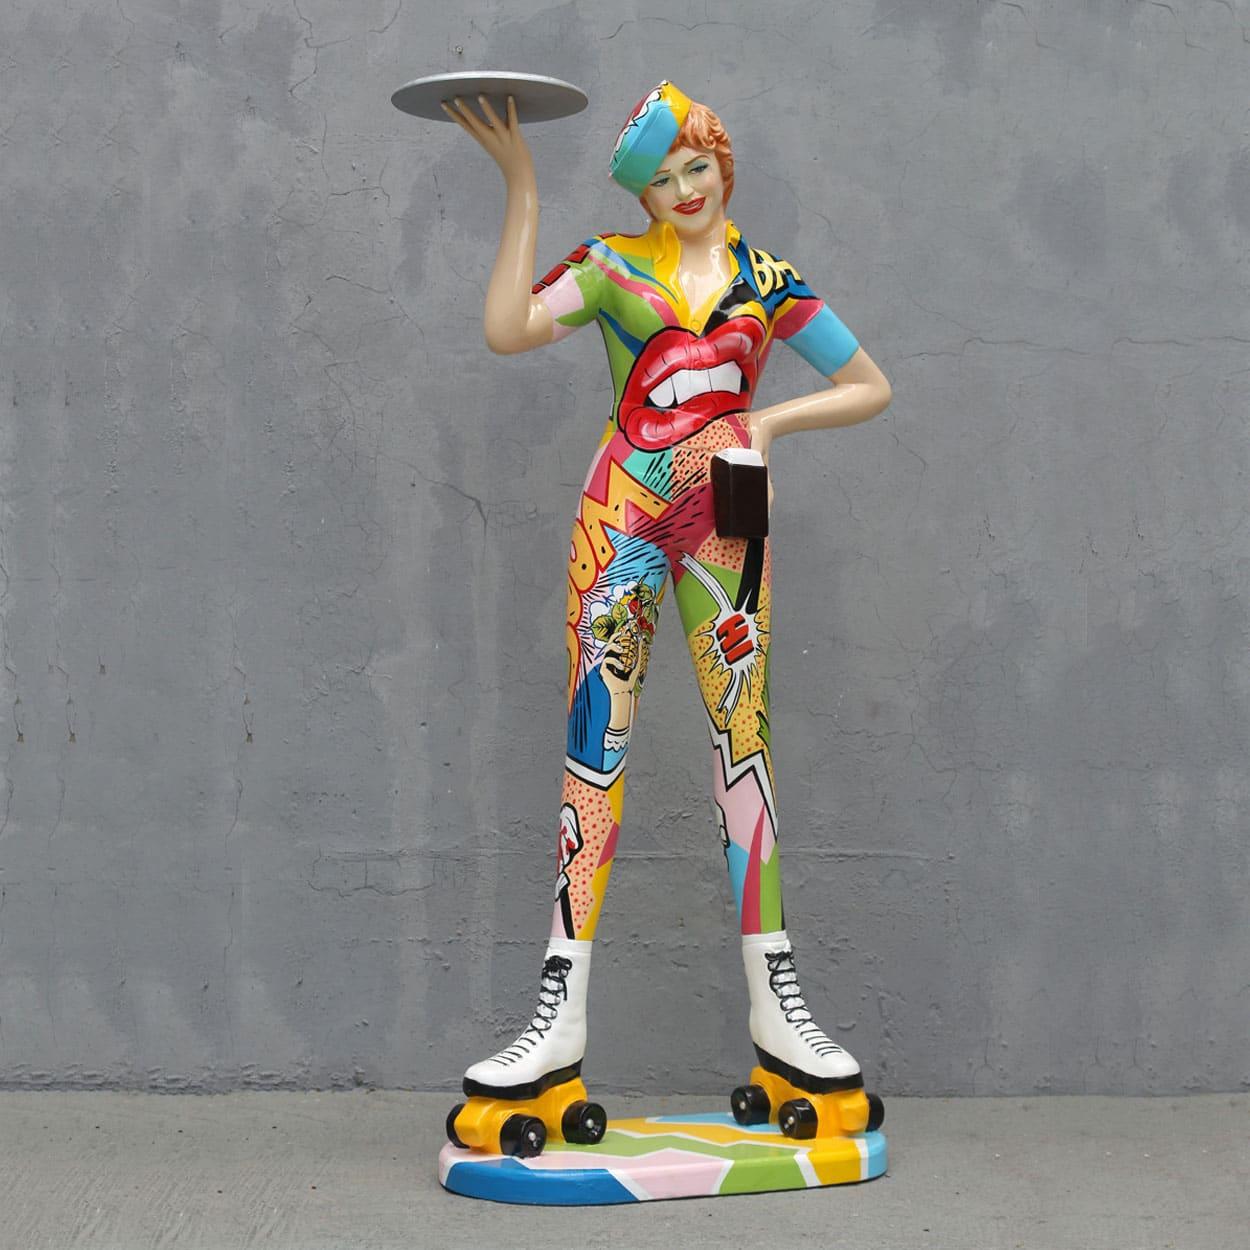 פסל של מלצרית פופ ארט